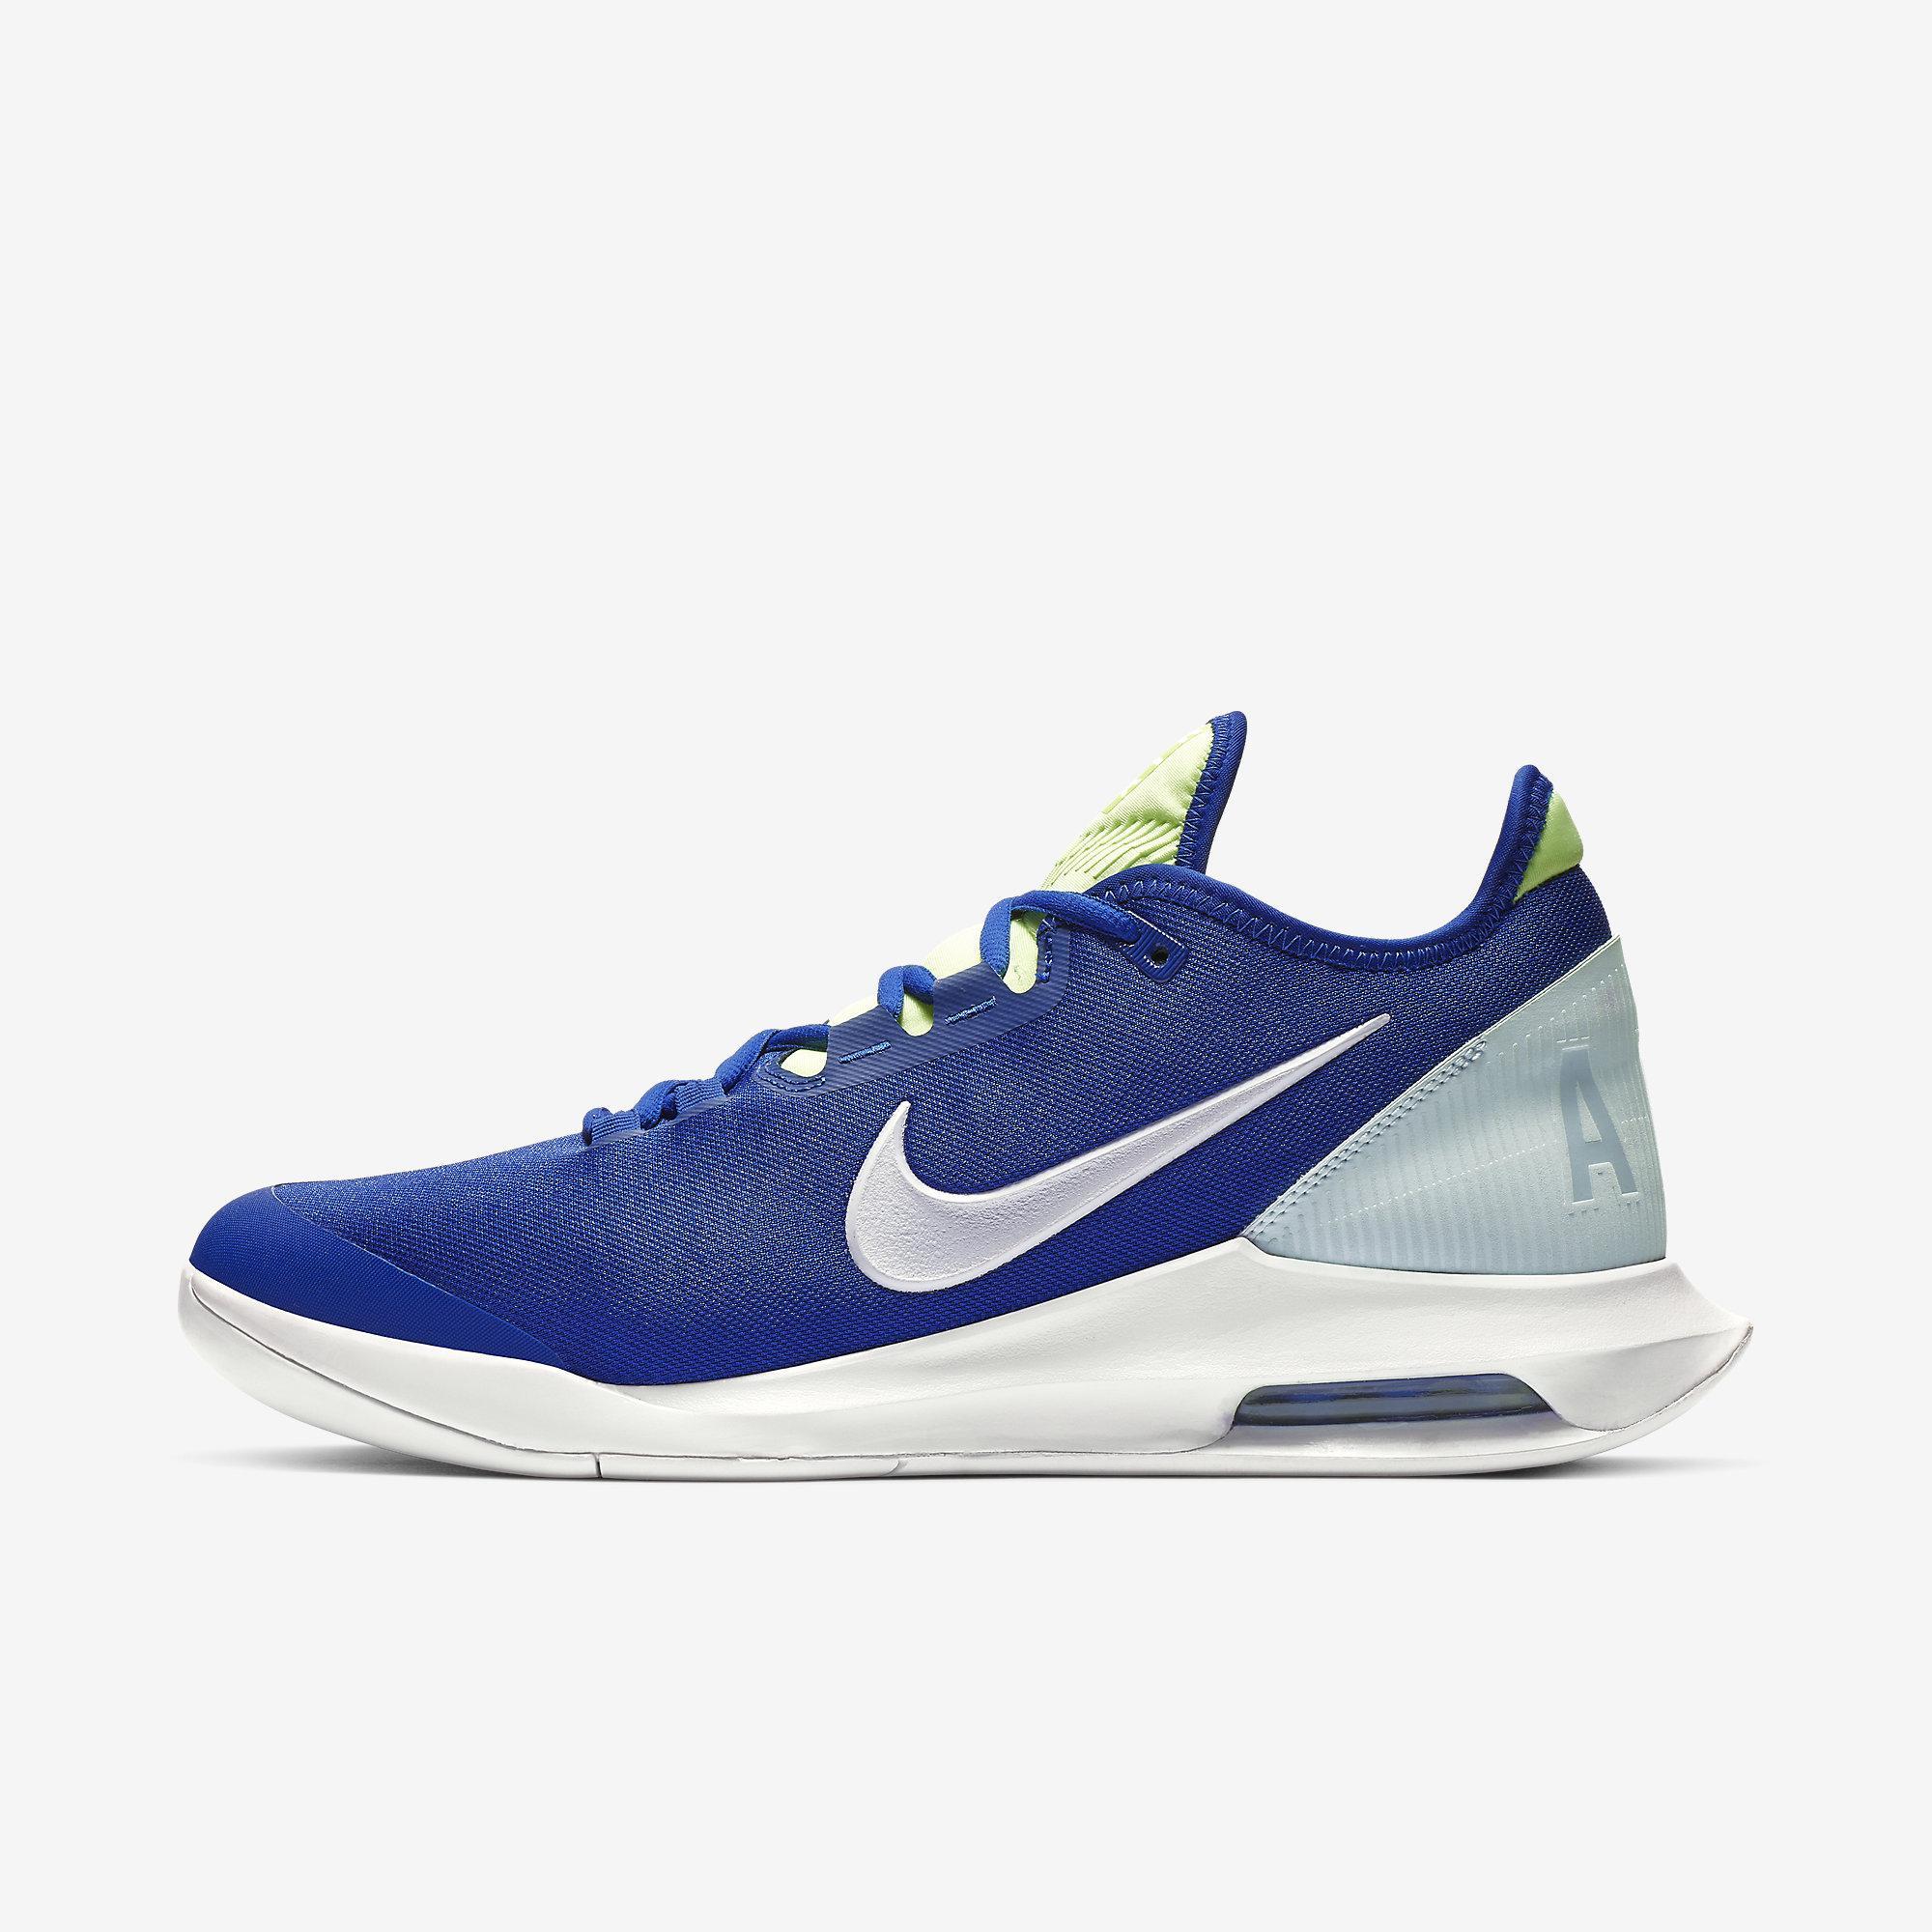 89ccd85577660 Nike Mens Air Max Wildcard - Indigo Force/Half Blue/White/Volt Glow -  Tennisnuts.com